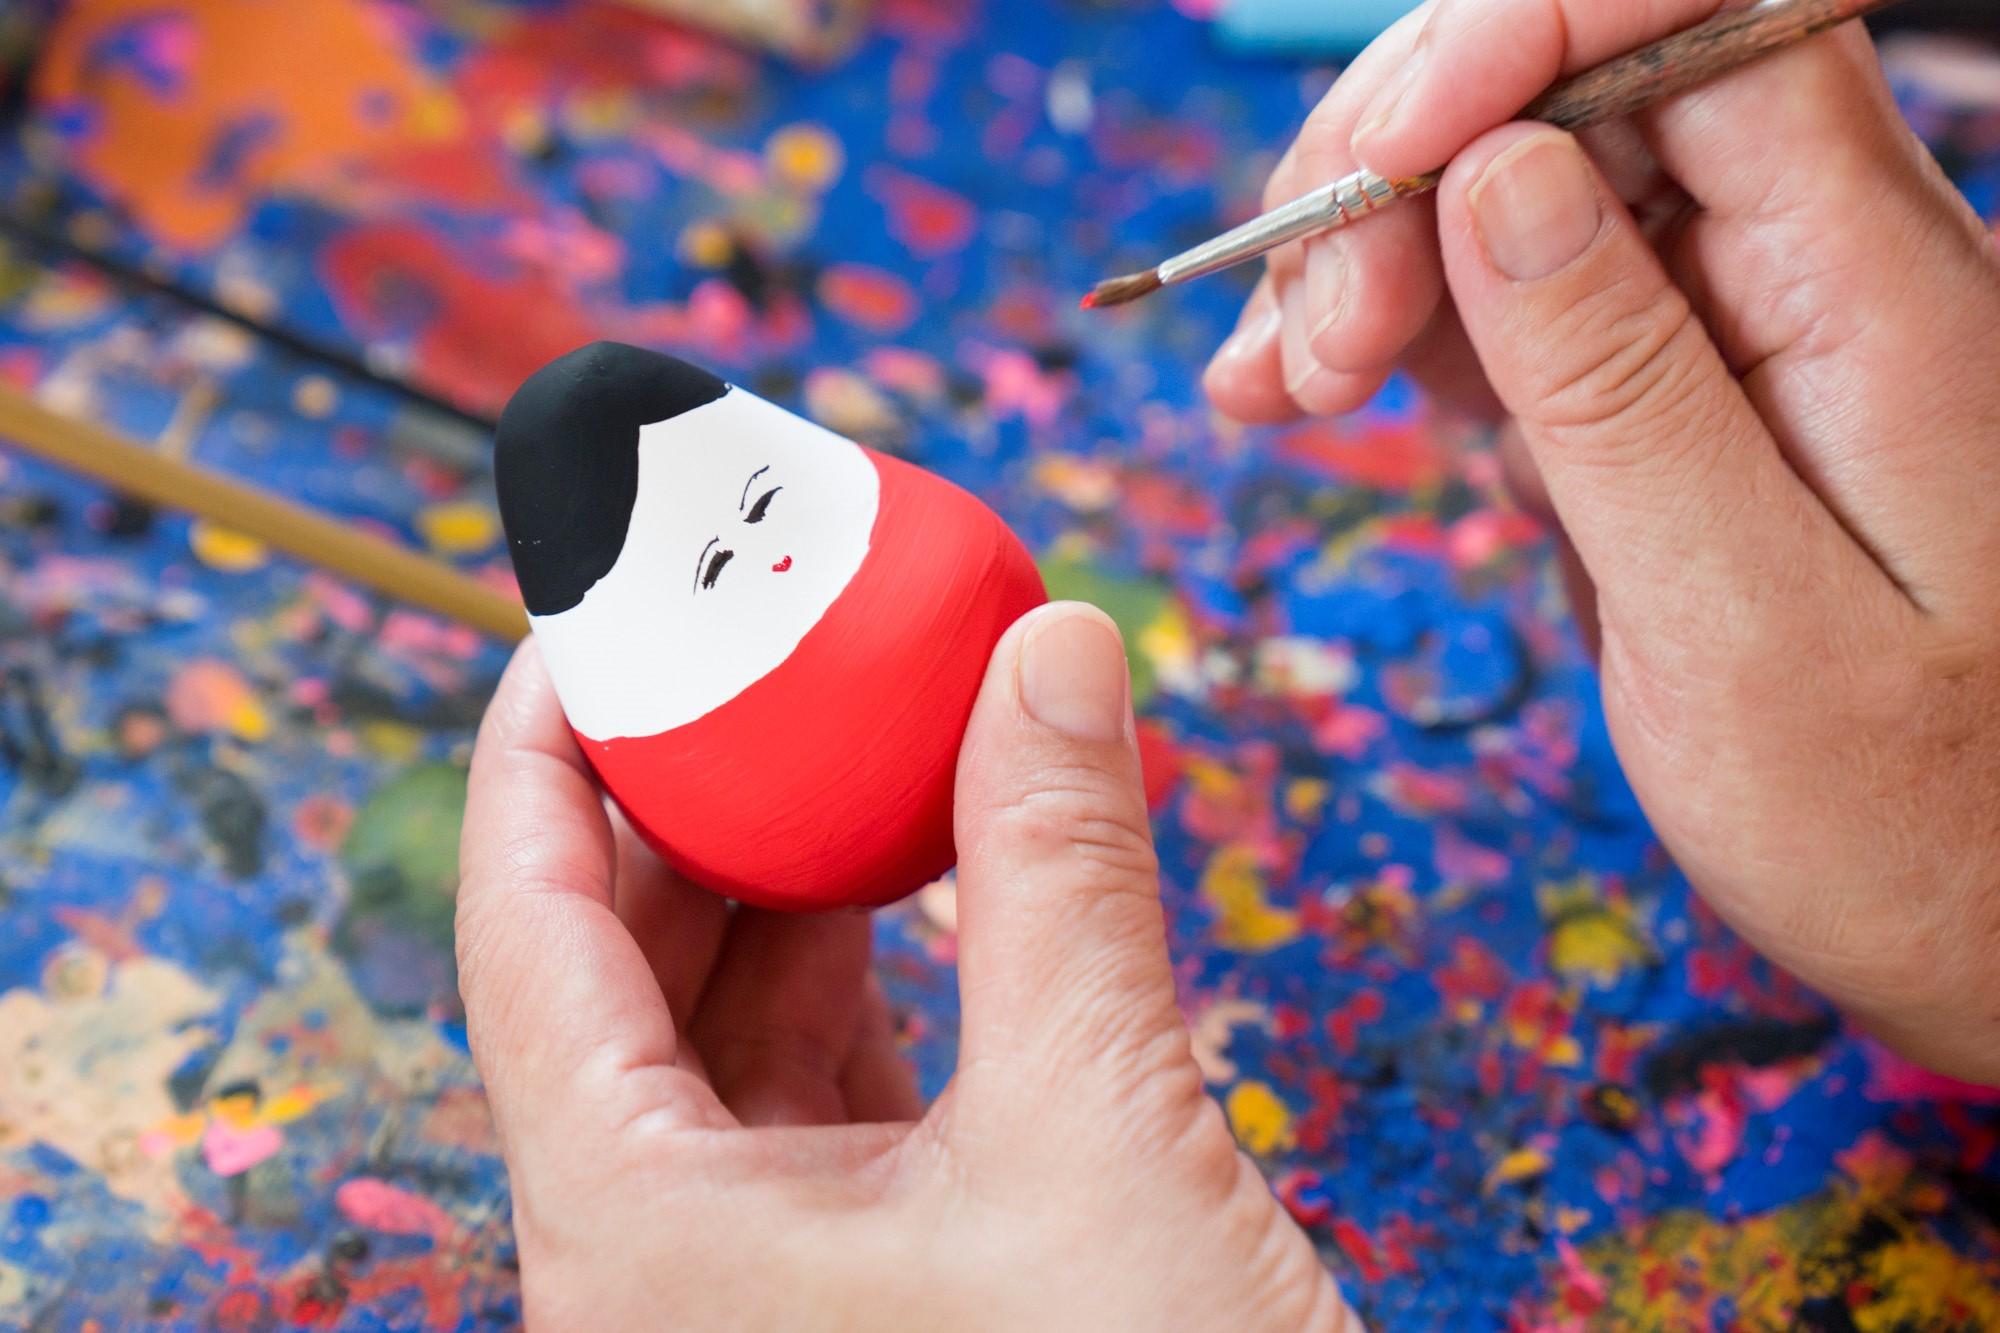 目や口など、細筆でも難しいところはペンを利用することもできます